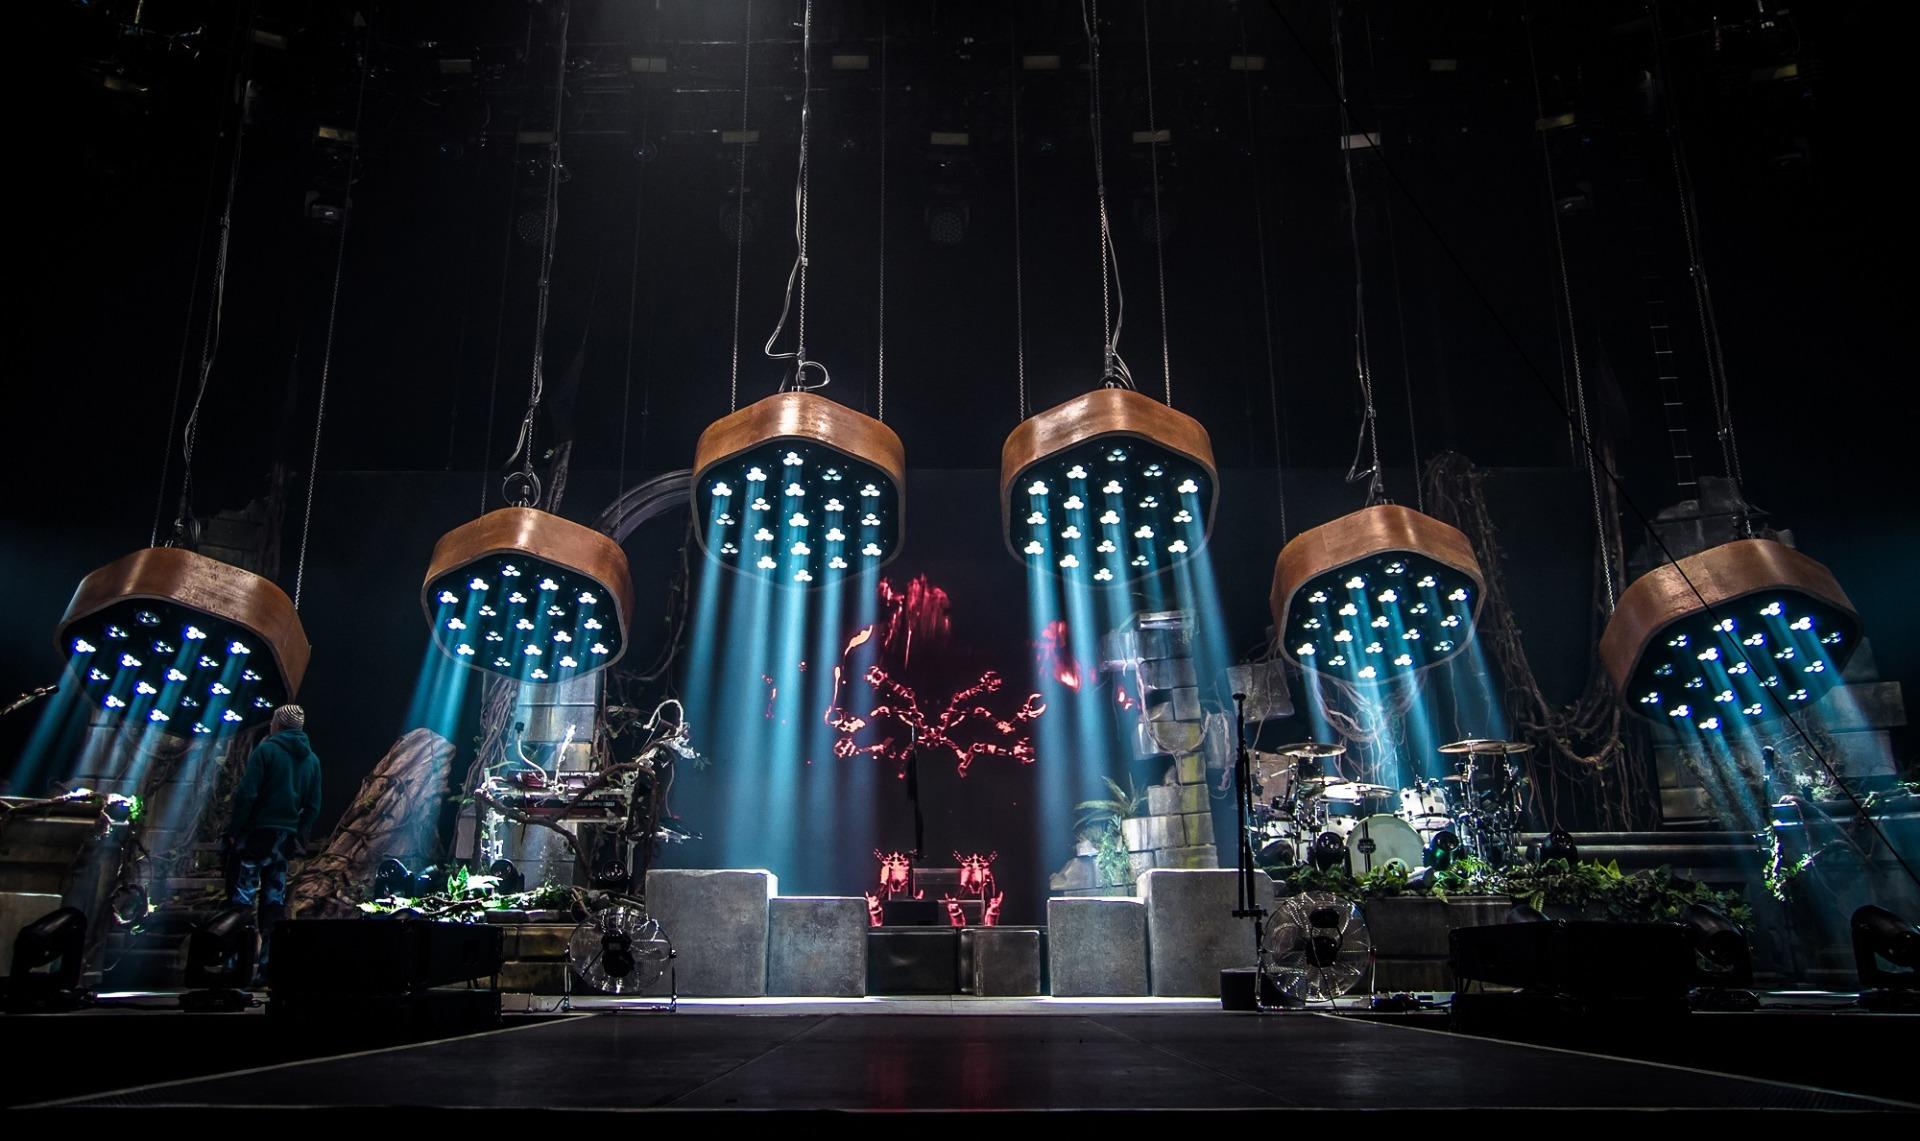 Elation Lighting Rig For Shaka Ponk 2018 Monkadelic Tour